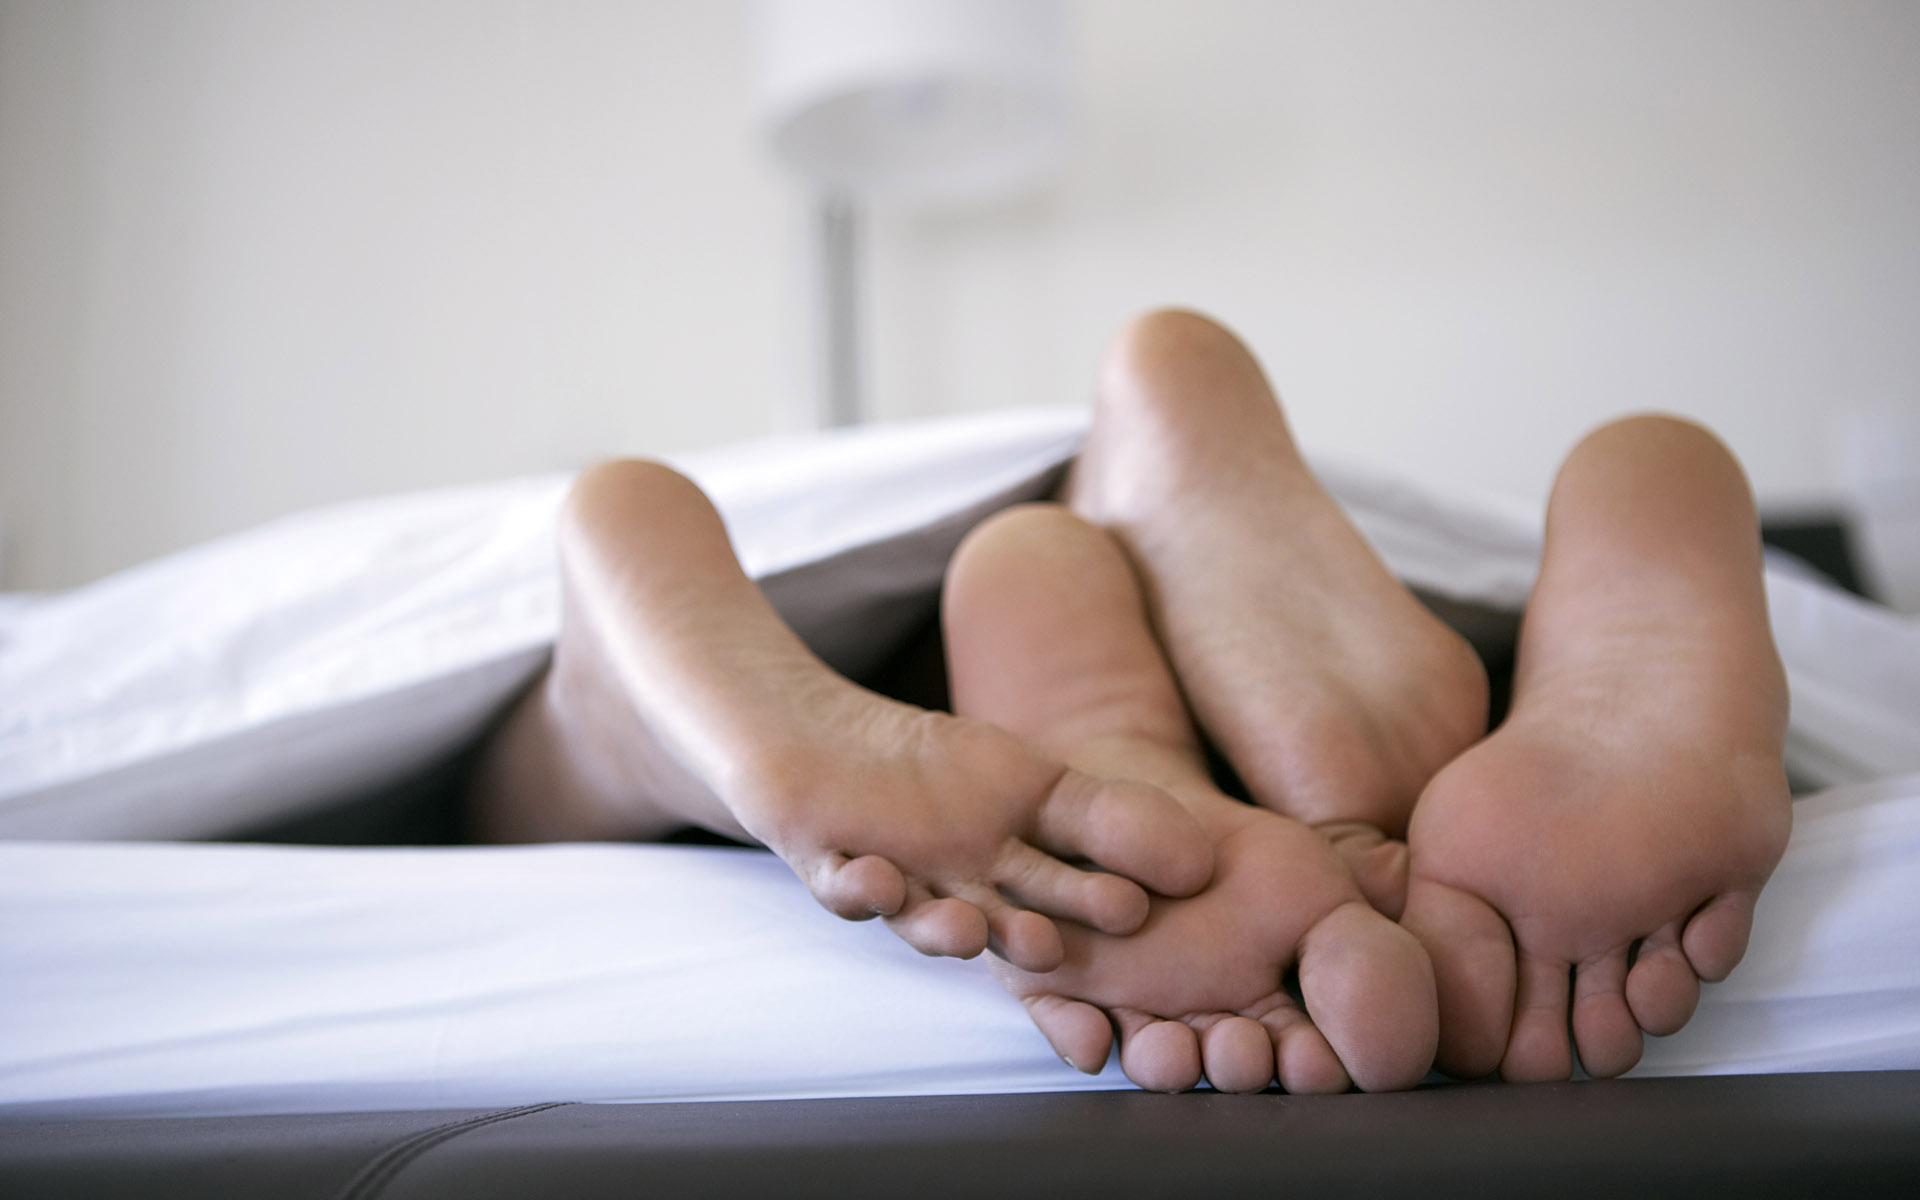 285767 Обнаружена схожесть в работе мозга наркоманов и сексуально зависимых